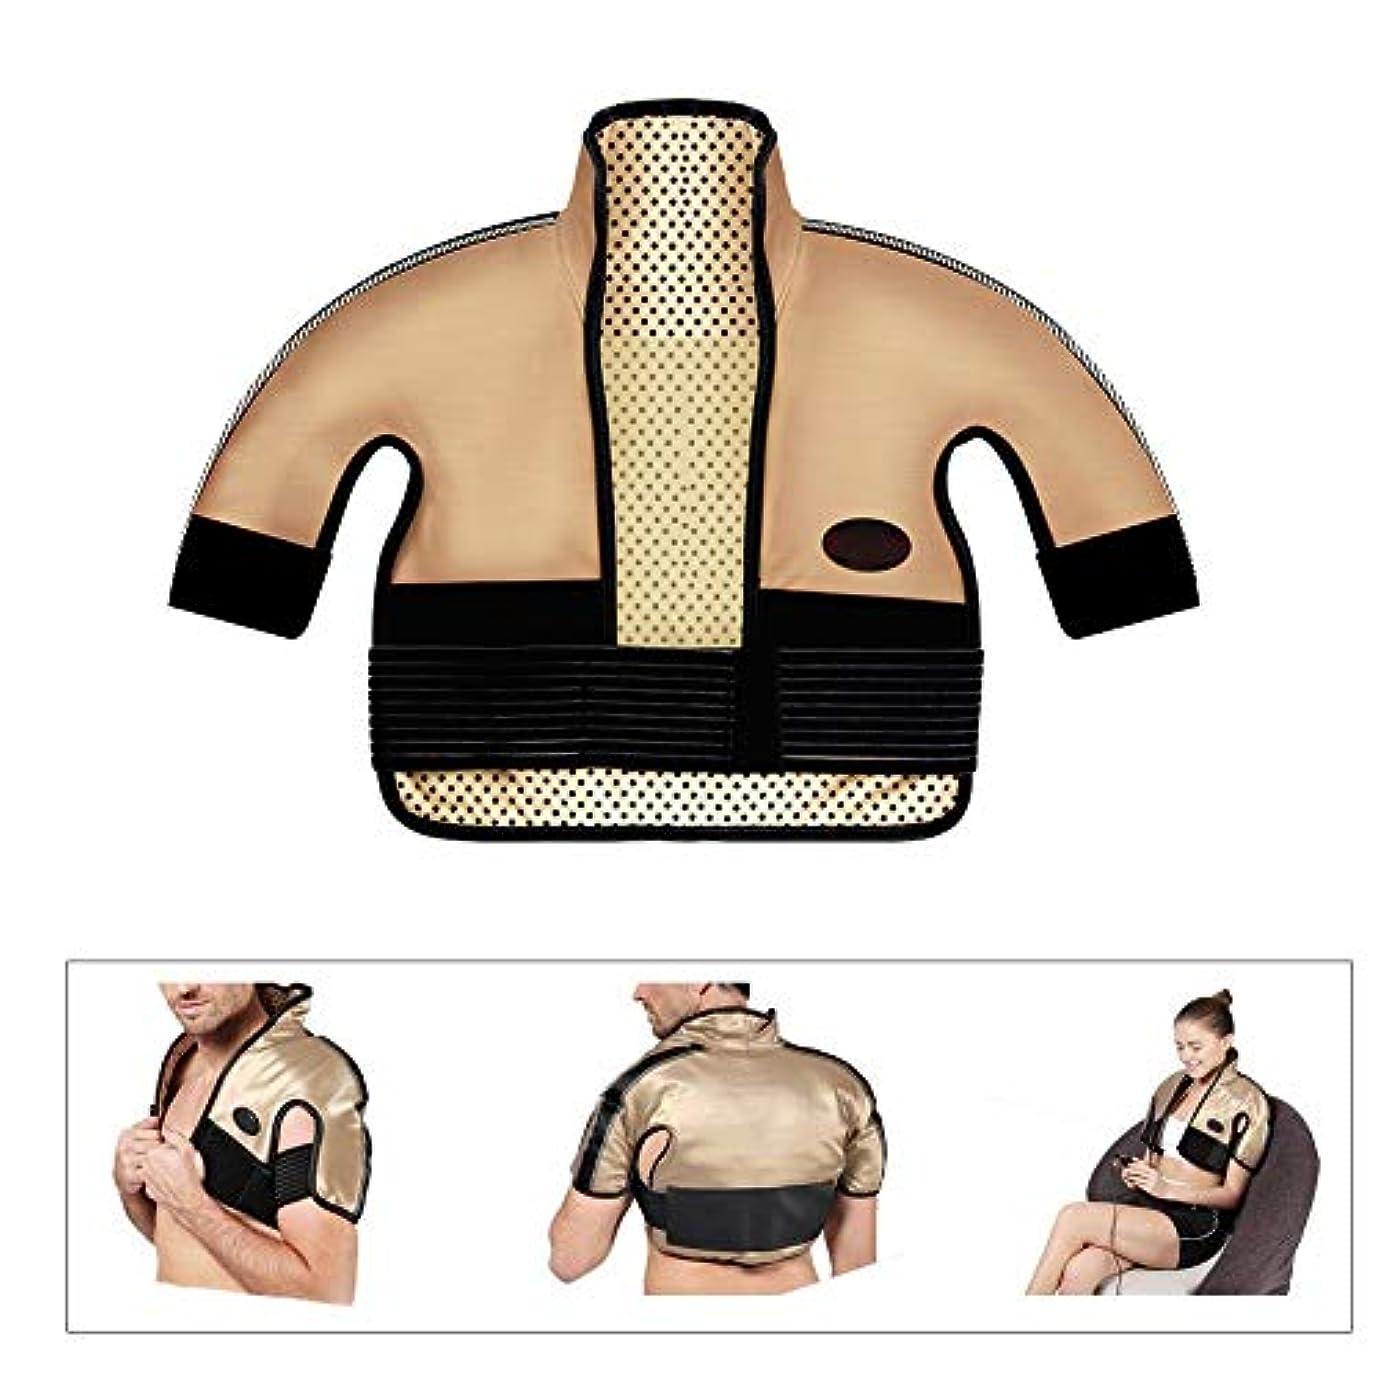 自分を引き上げる楽観フェザー肩と首の電気加熱パッド - 混練加熱、痛み緩和加熱パッドを叩く、医療用品マッサージベスト(肩幅用:40-65CM)